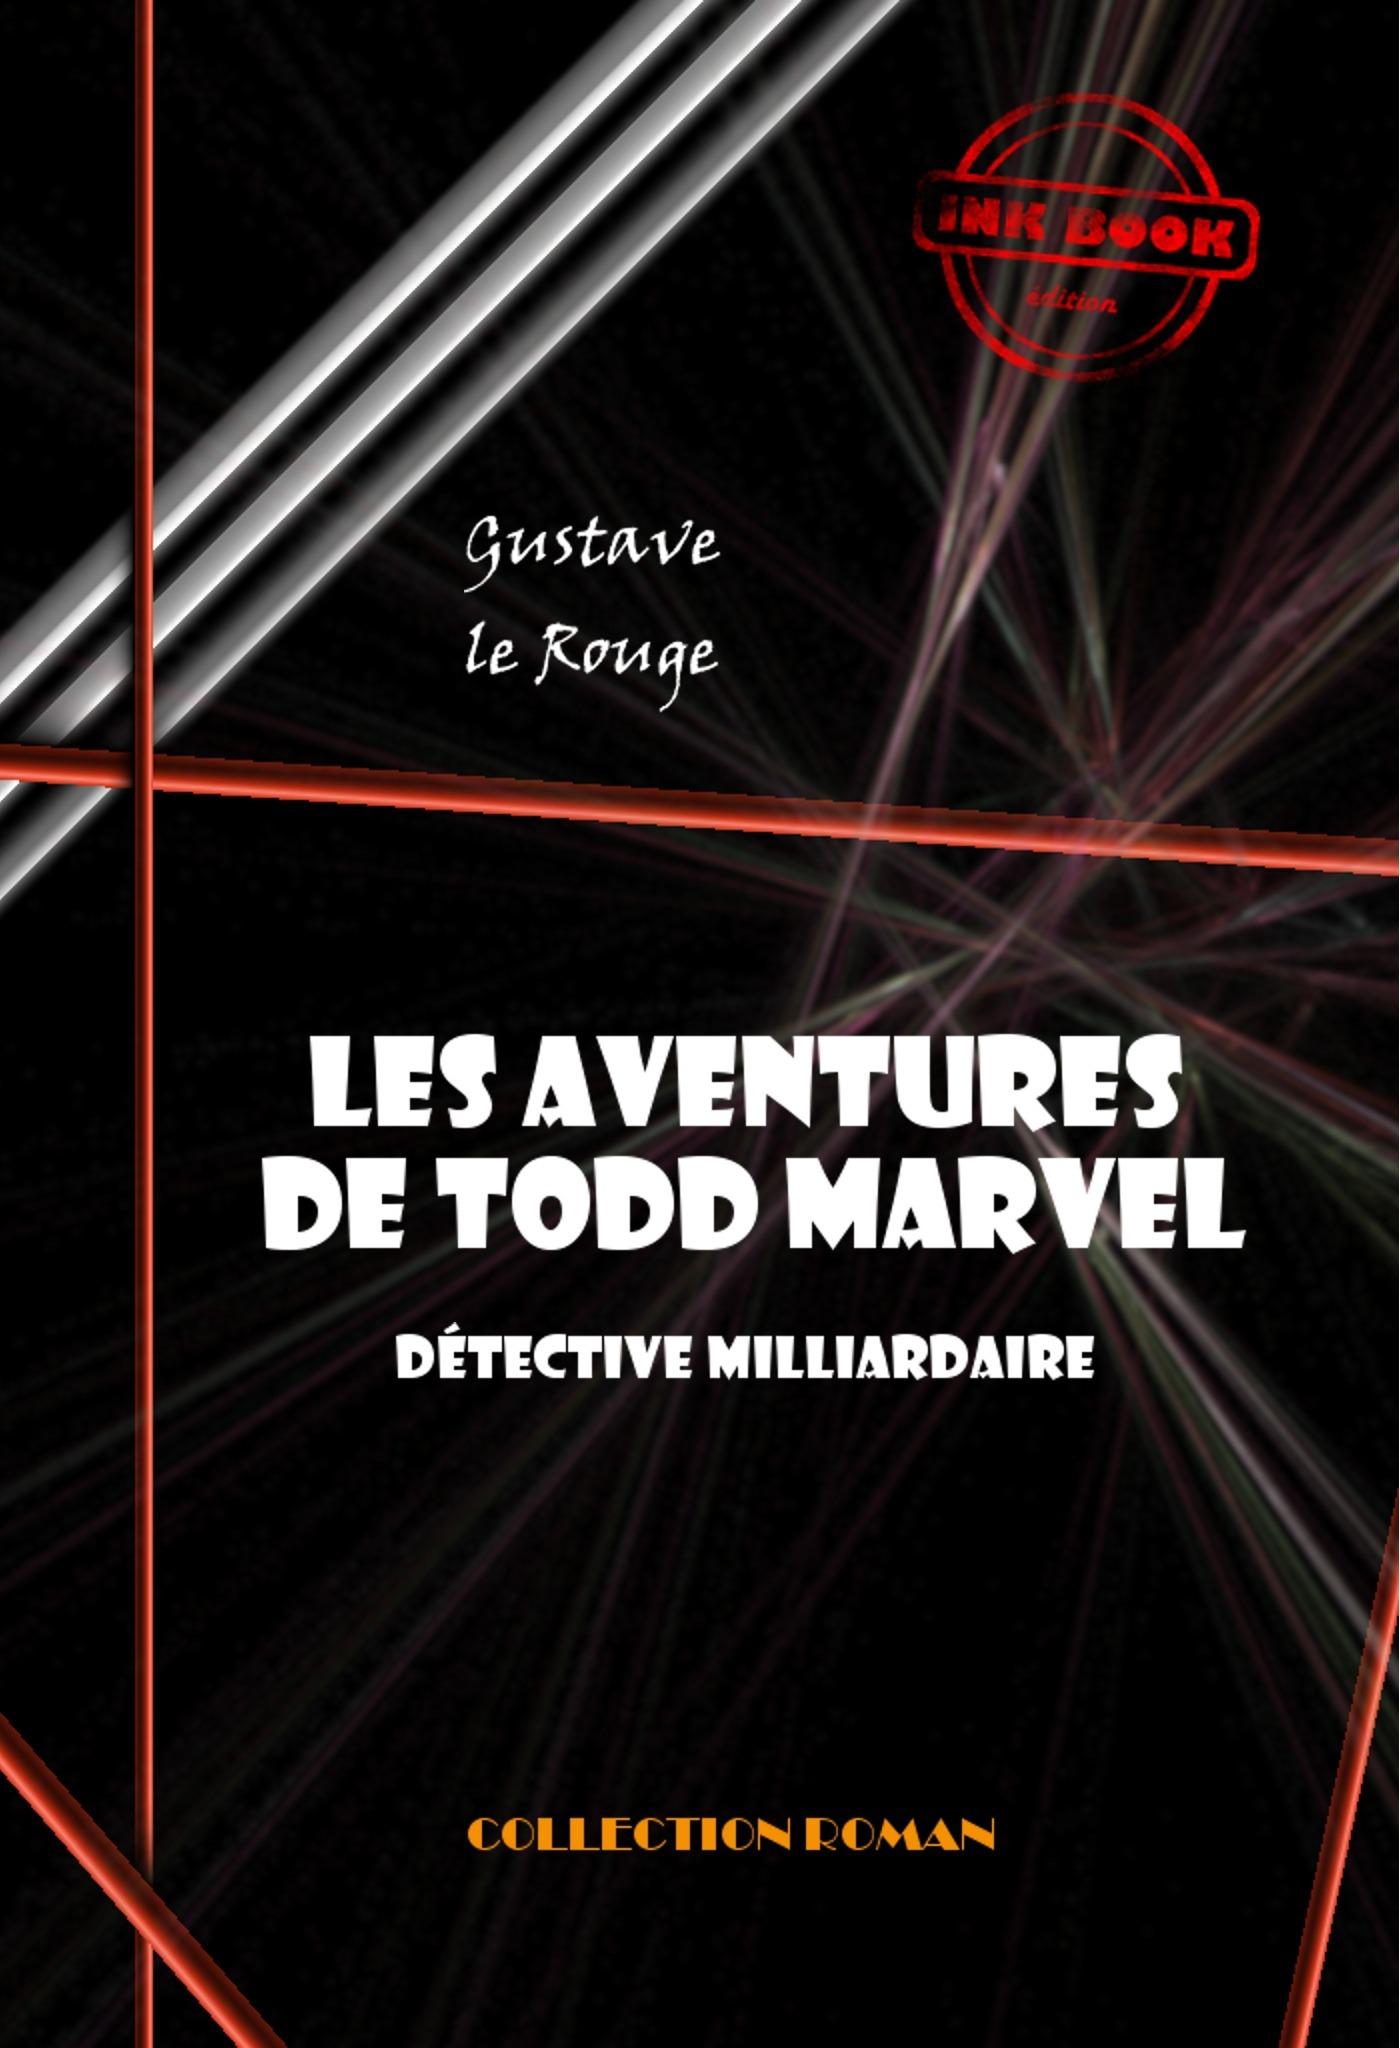 Les aventures de Todd Marvel, détective milliardaire (20 épisodes)